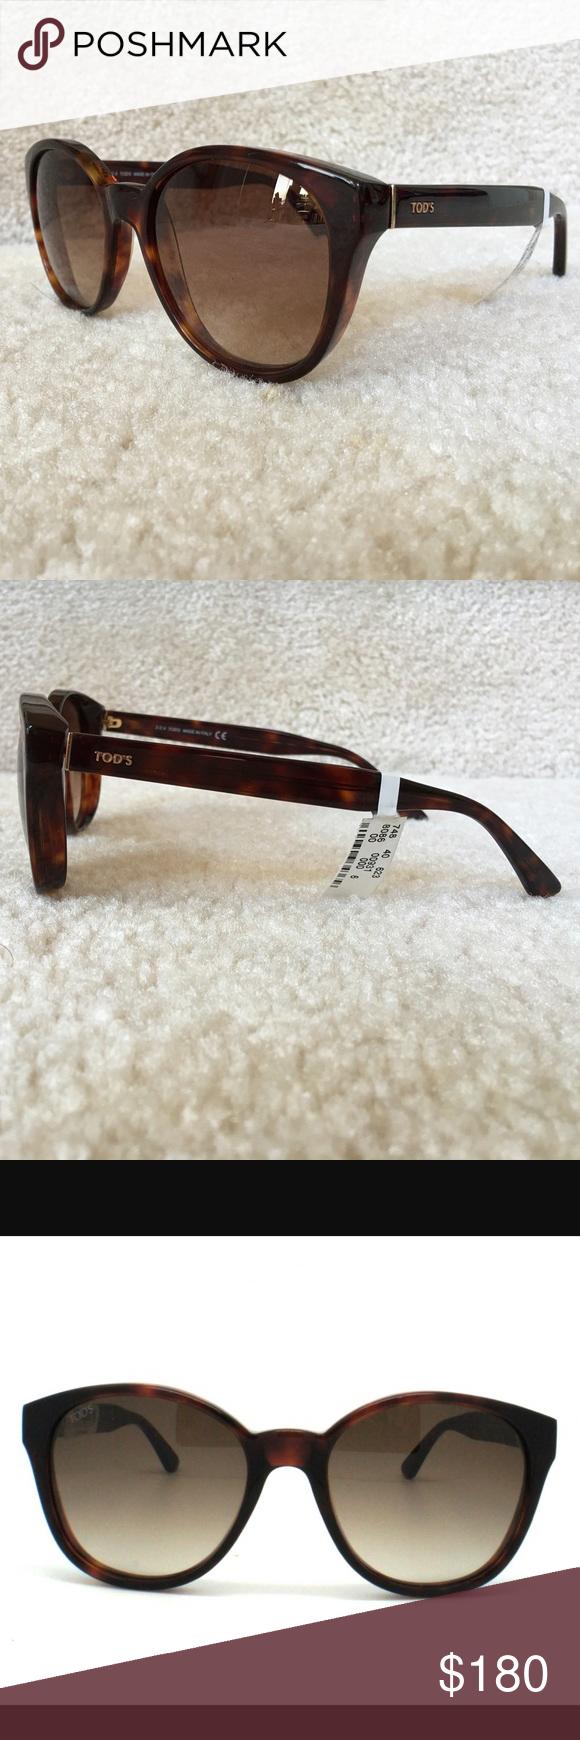 d67c70821b5ff TOD S Sunglasses Tortoise TO146 52F 100% authentic TOD S Sunglasses  Tortoise Model  TO146 52F 100